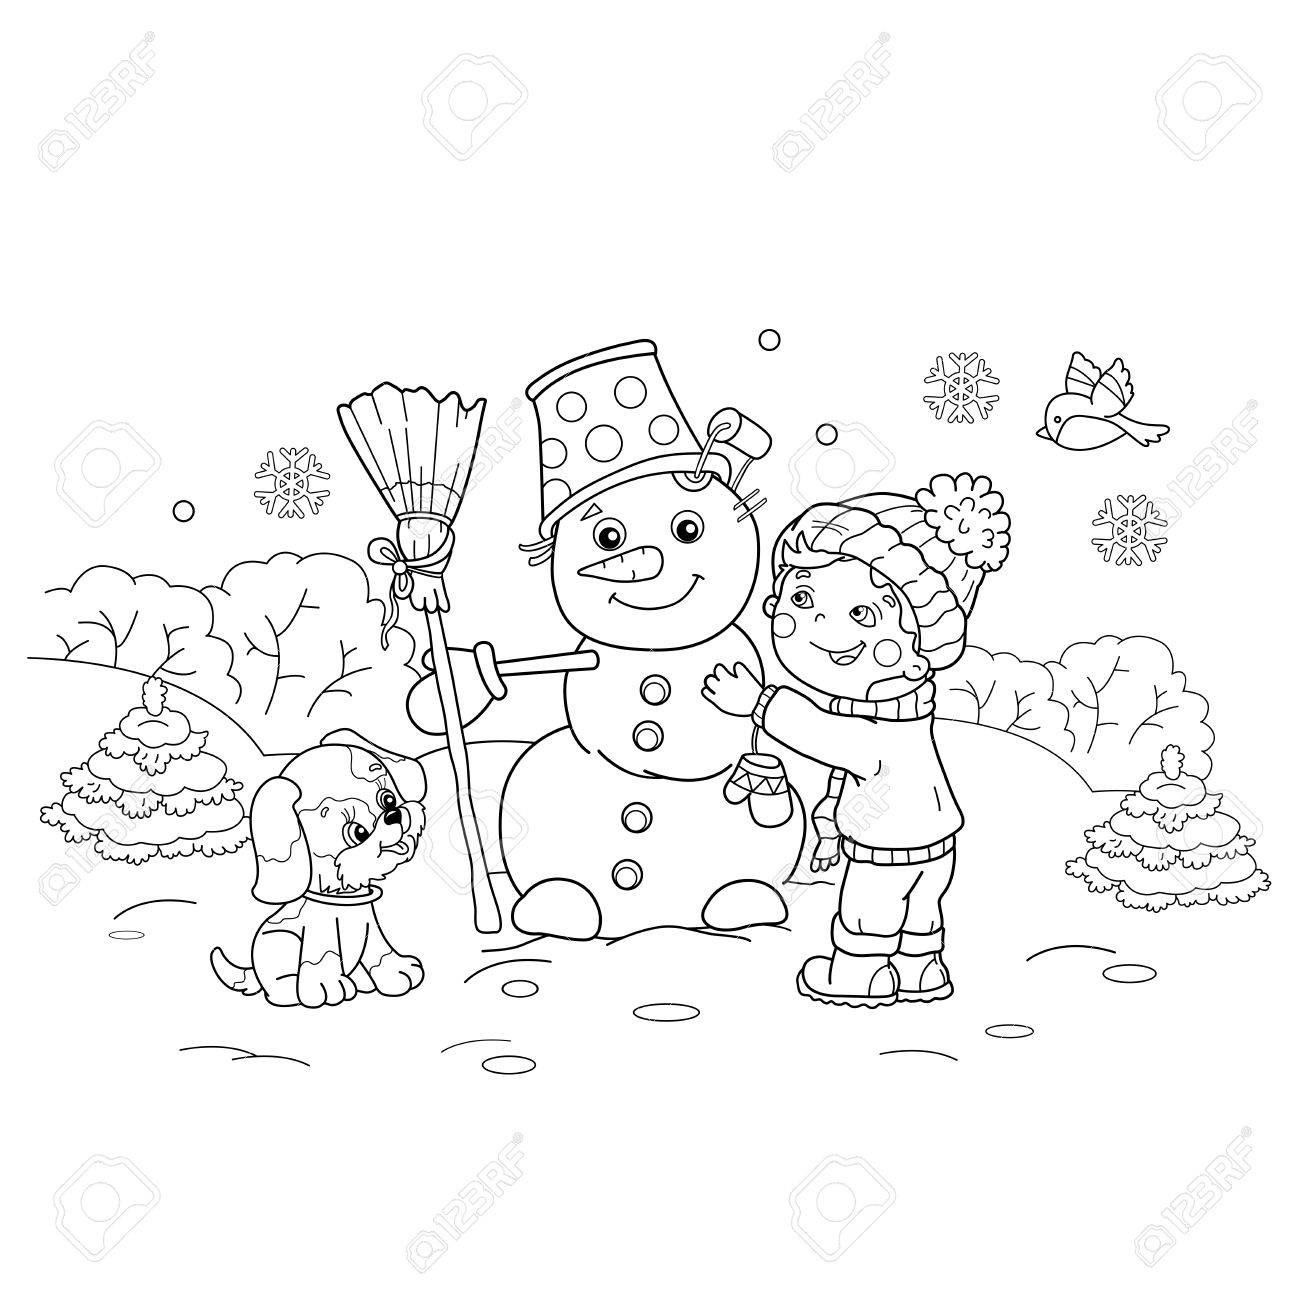 ぬりえページ概要の漫画少年犬と雪だるまを作るします冬子供のための